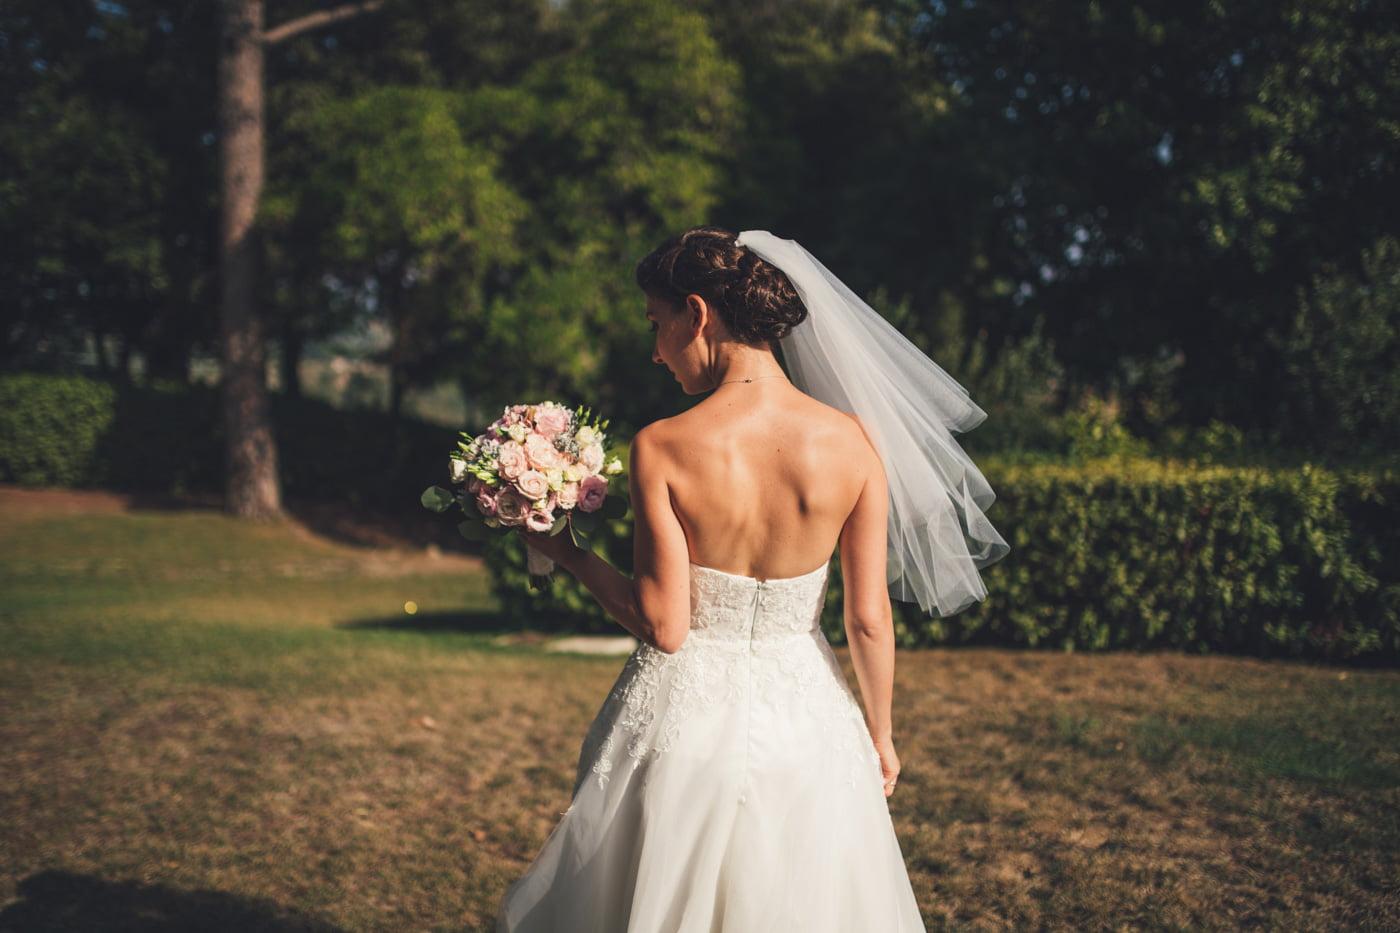 040-wedding-tuscany-rignana